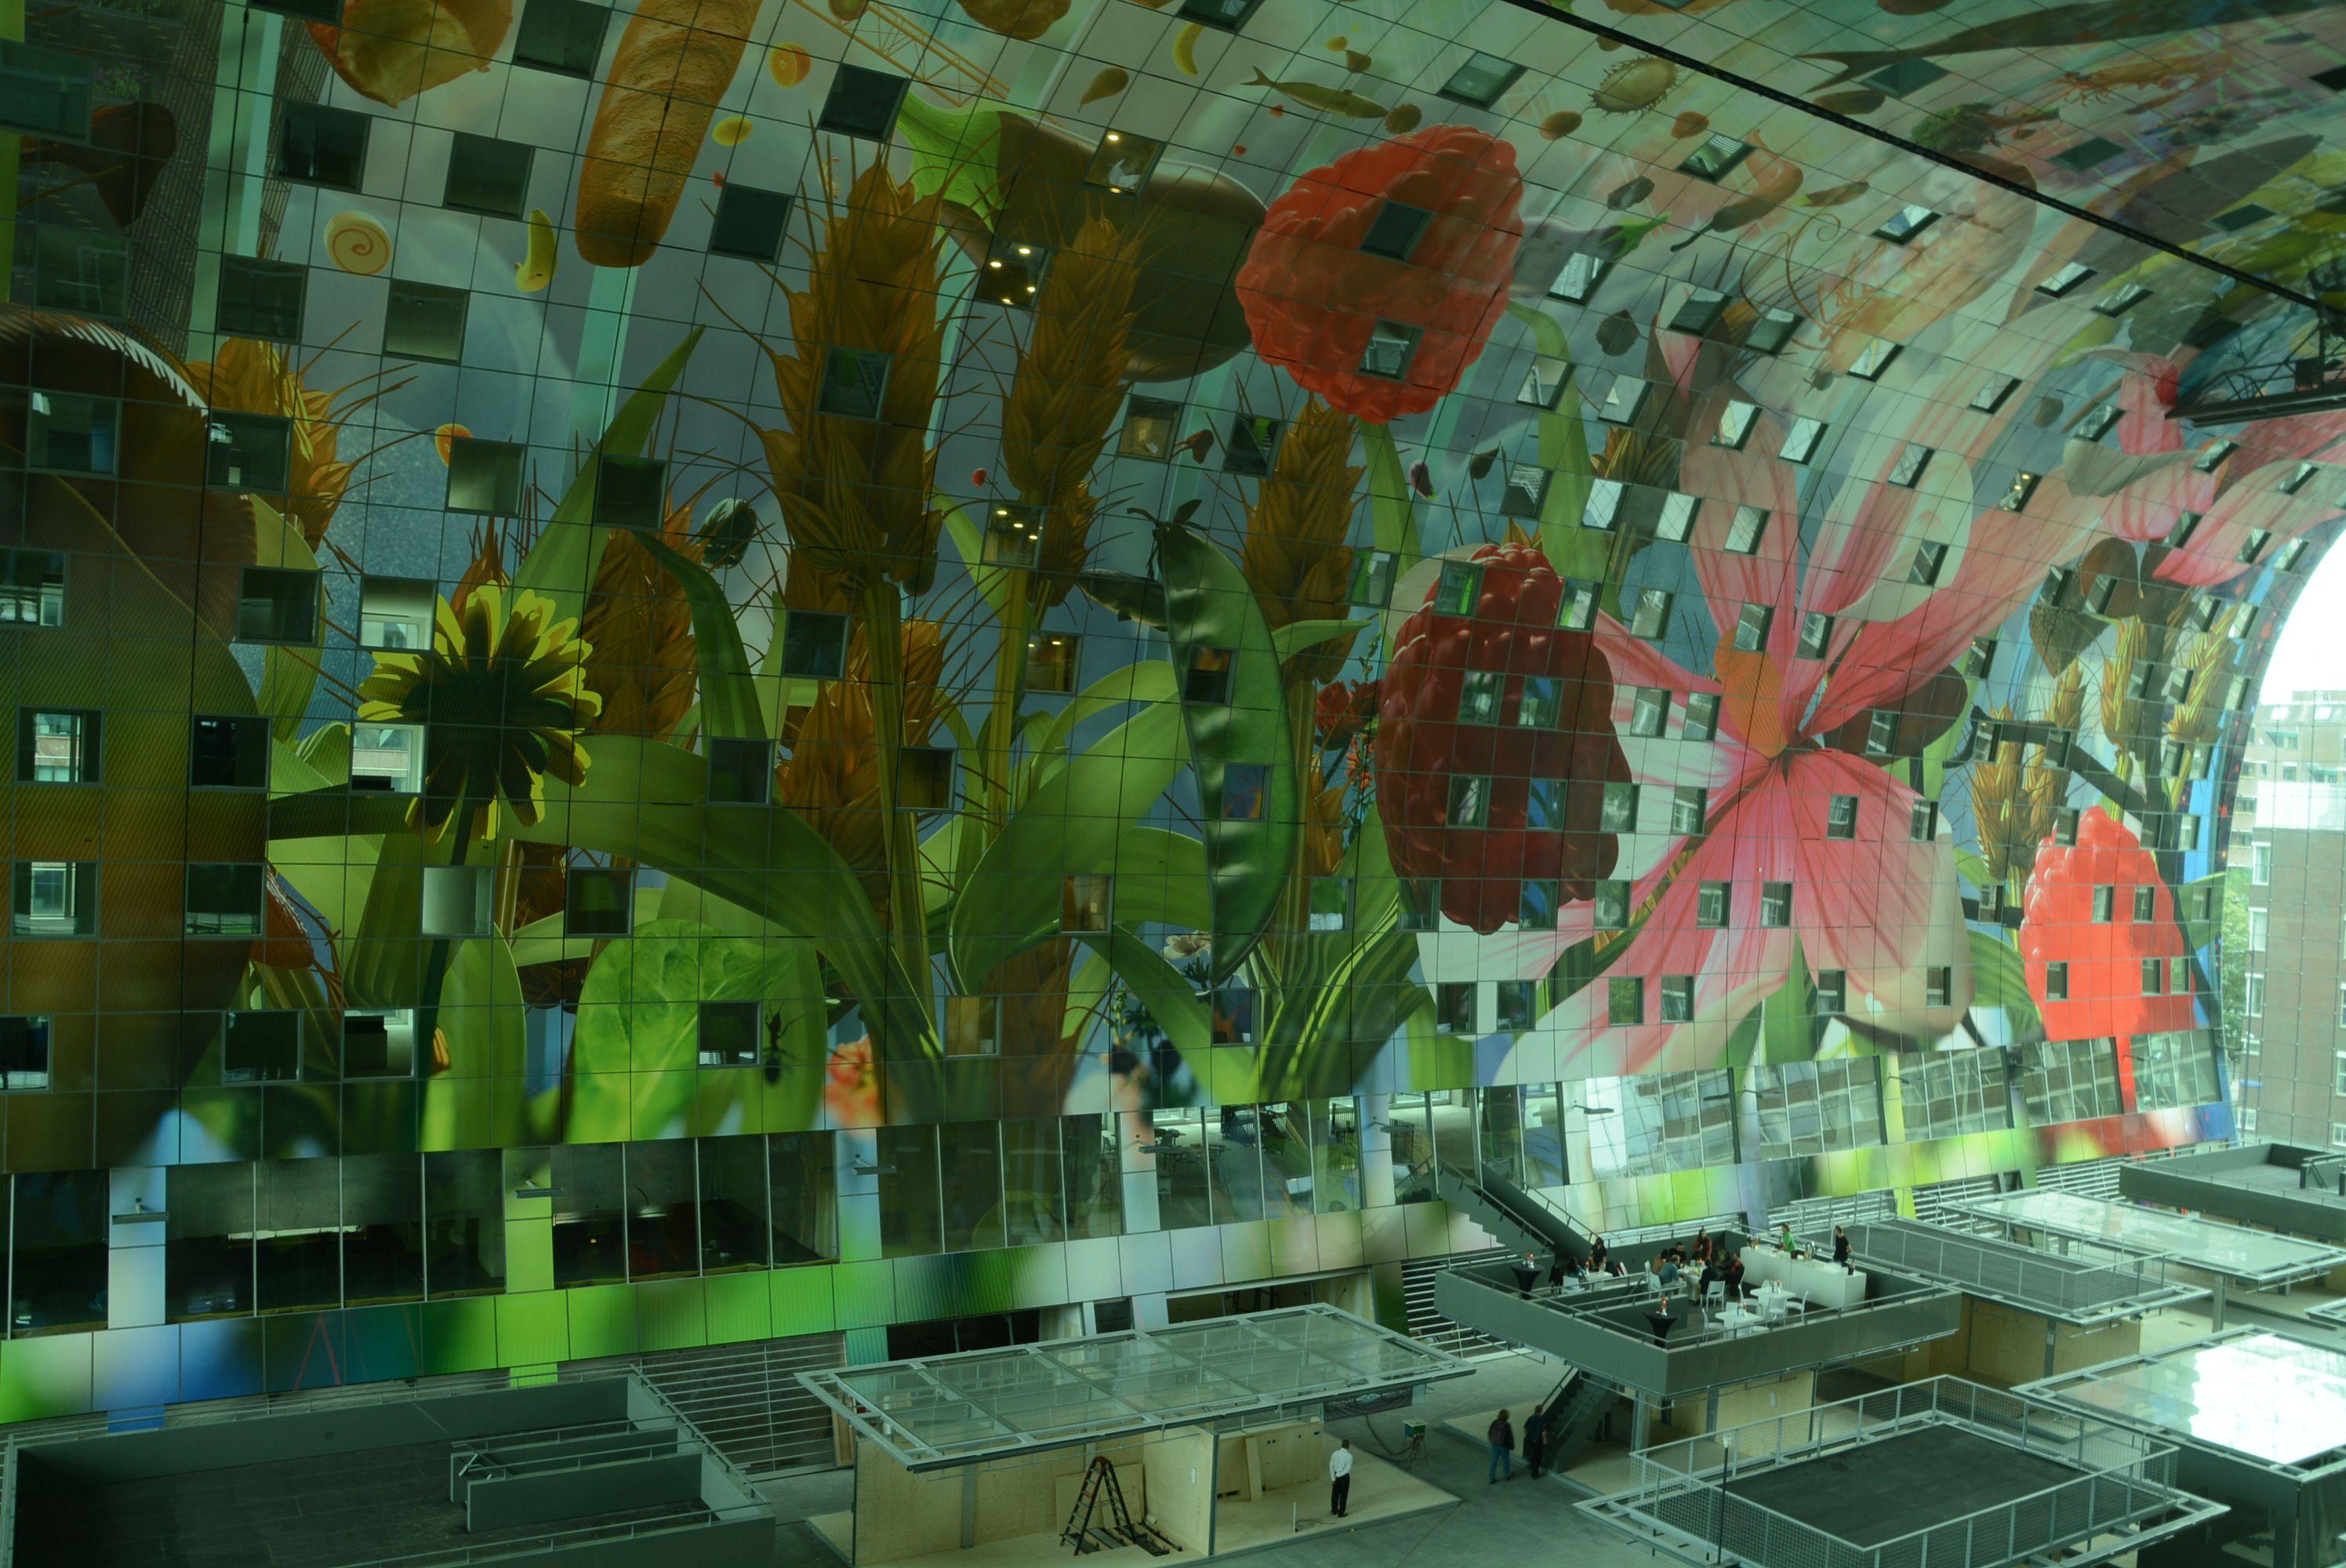 Rotterdam Markthalle MVRDV GrachtenundGiebelHollandBlogNiederlandeRalfJohnenZuidHollandArchitekturKoolhaas28